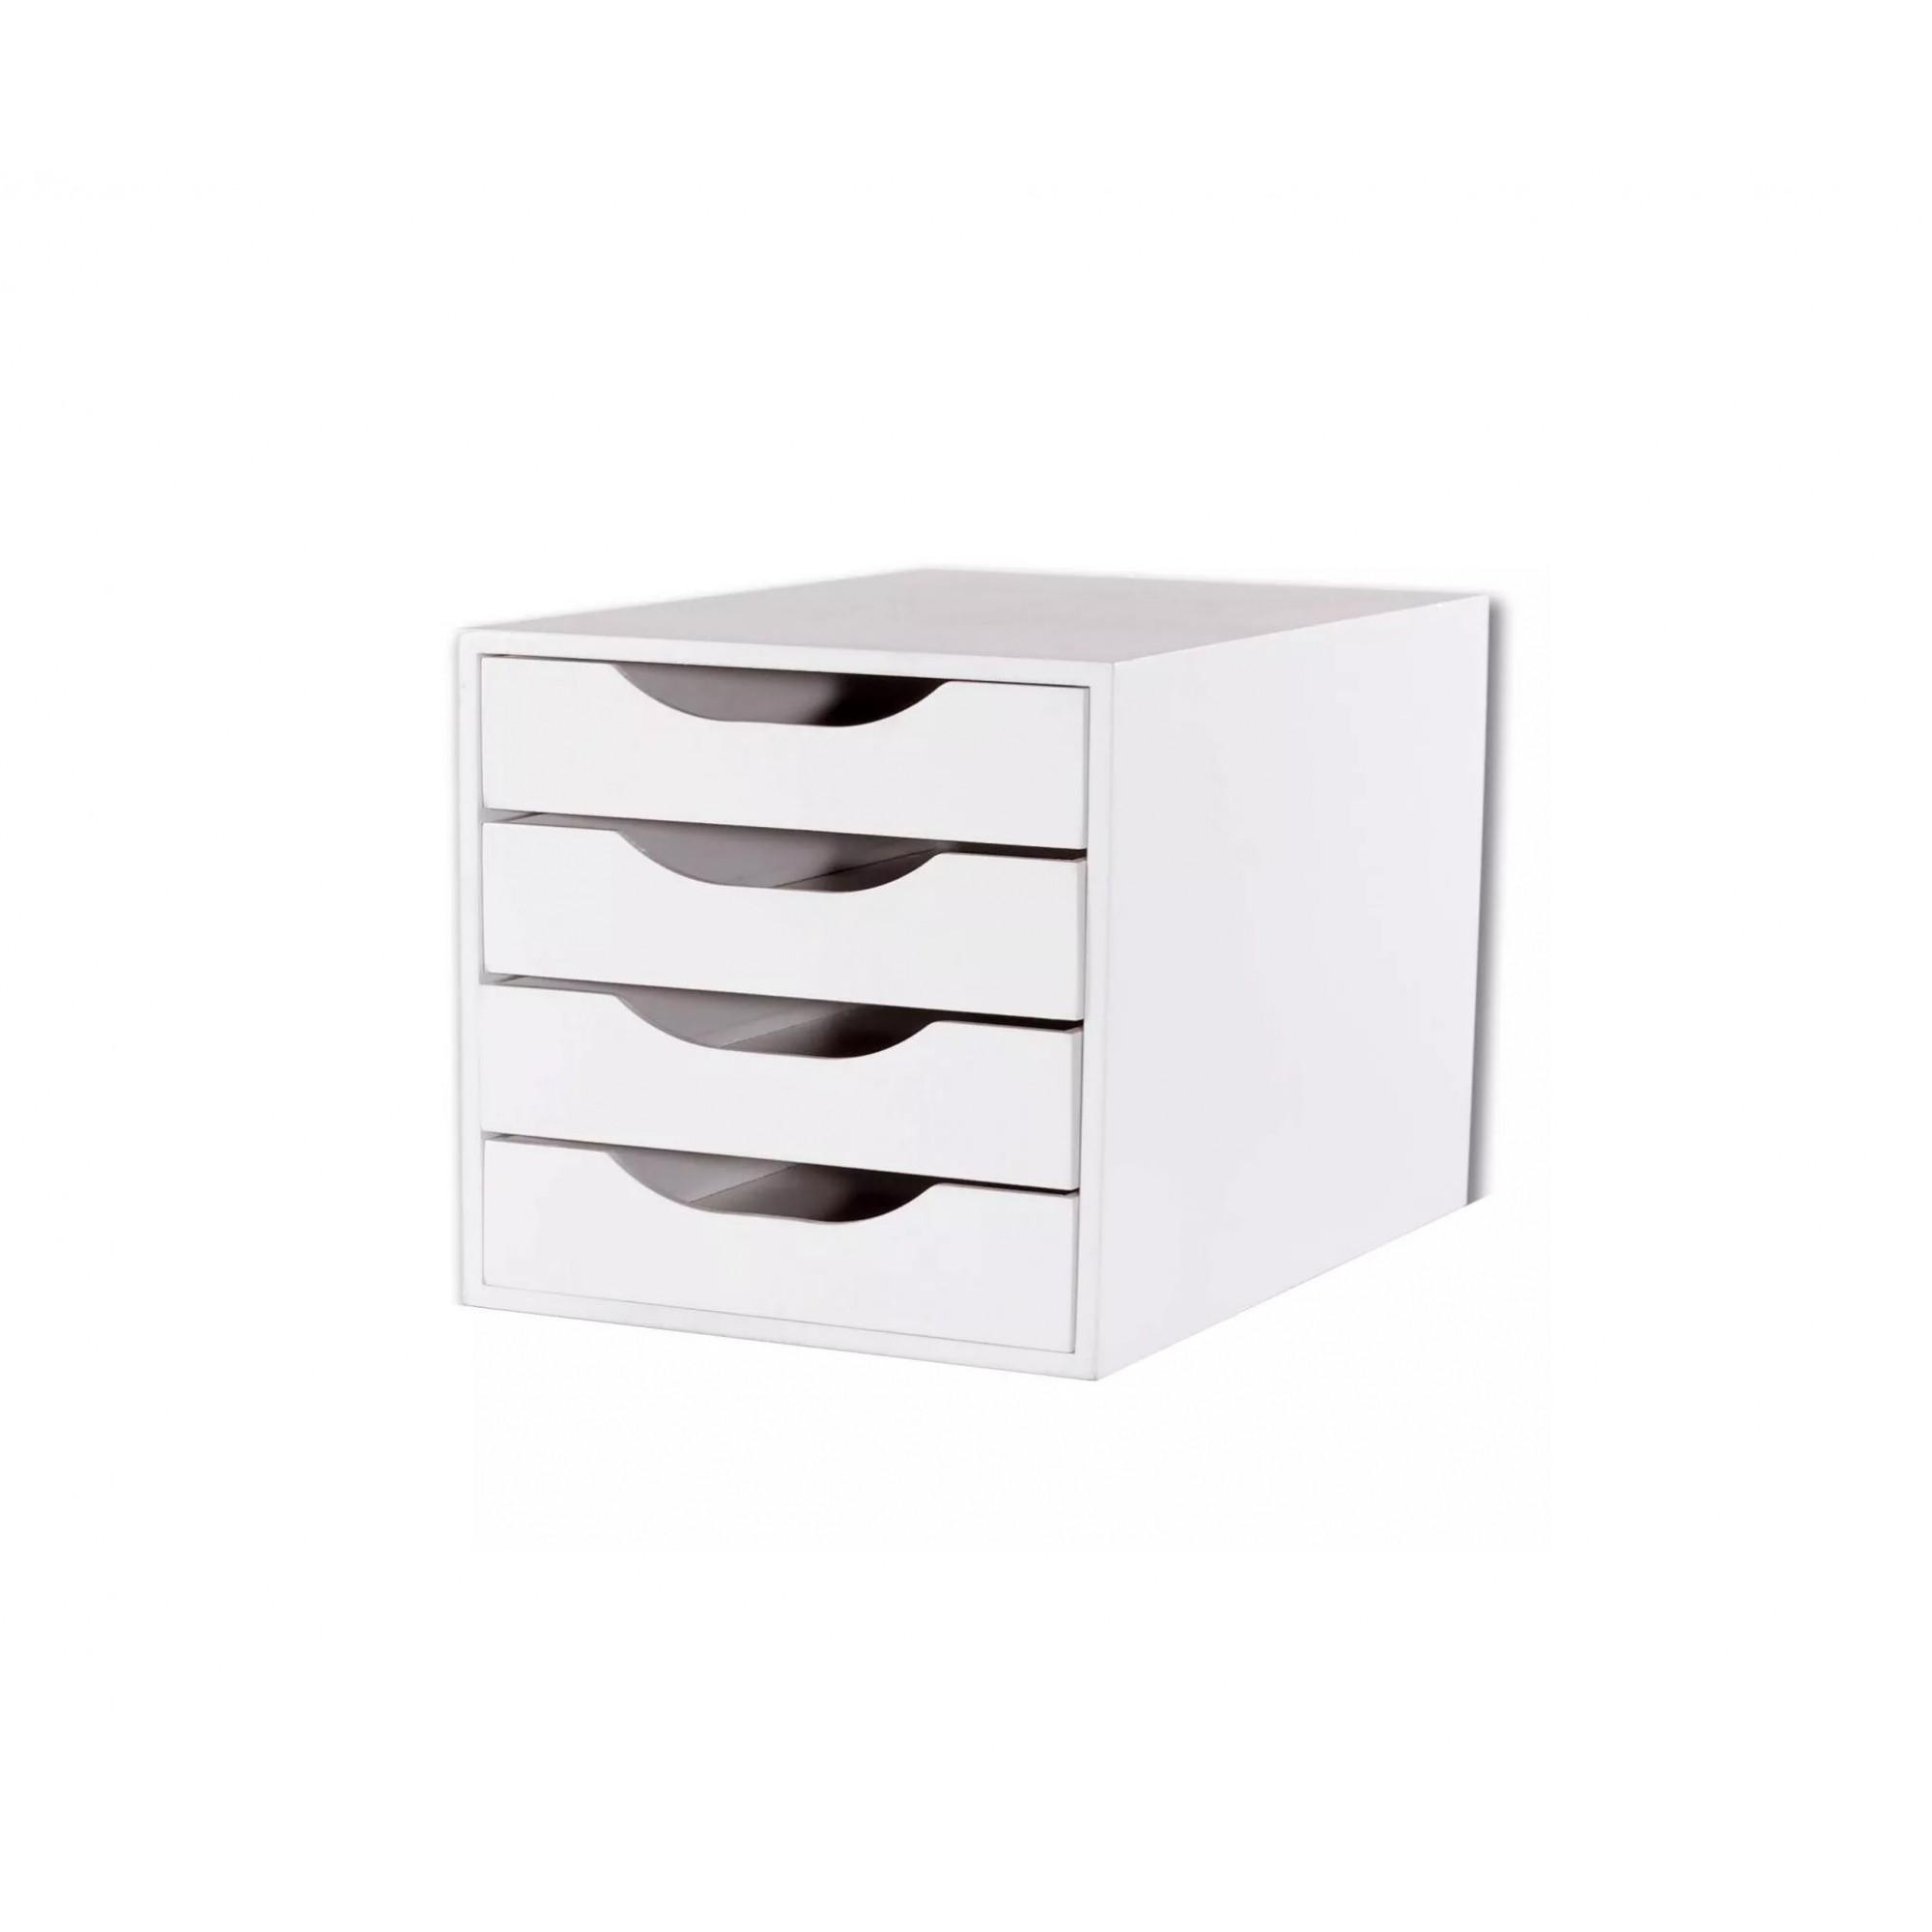 Caixa Arquivo Gaveteiro em MDF Branco com 4 Gavetas Brancas Fundas Souza Referência 3336